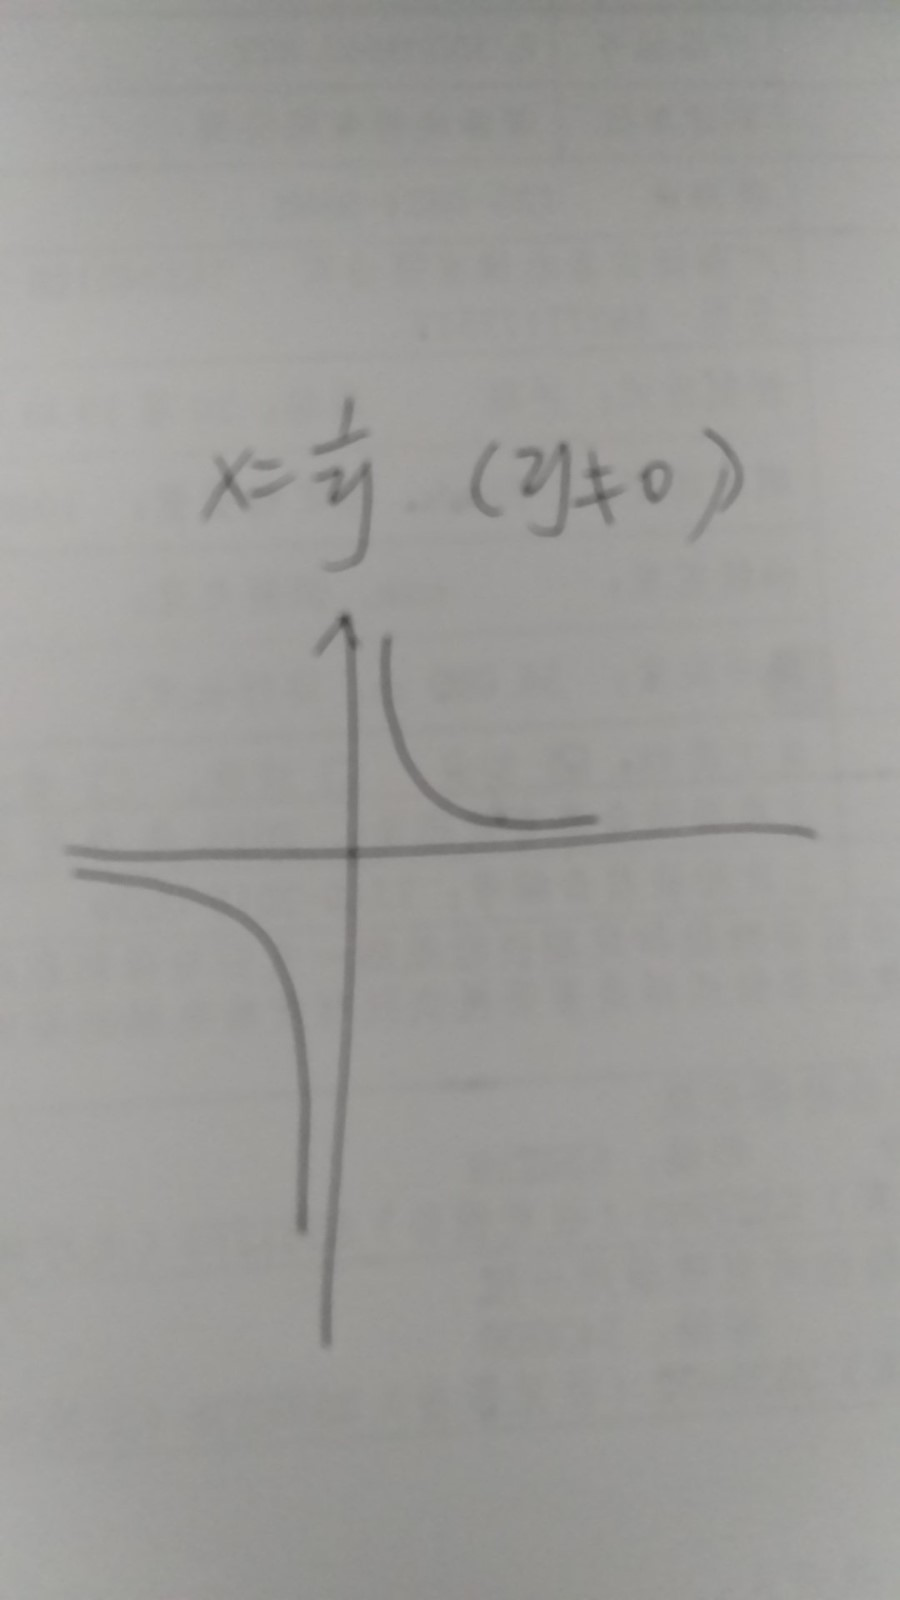 xy=1的函数图像